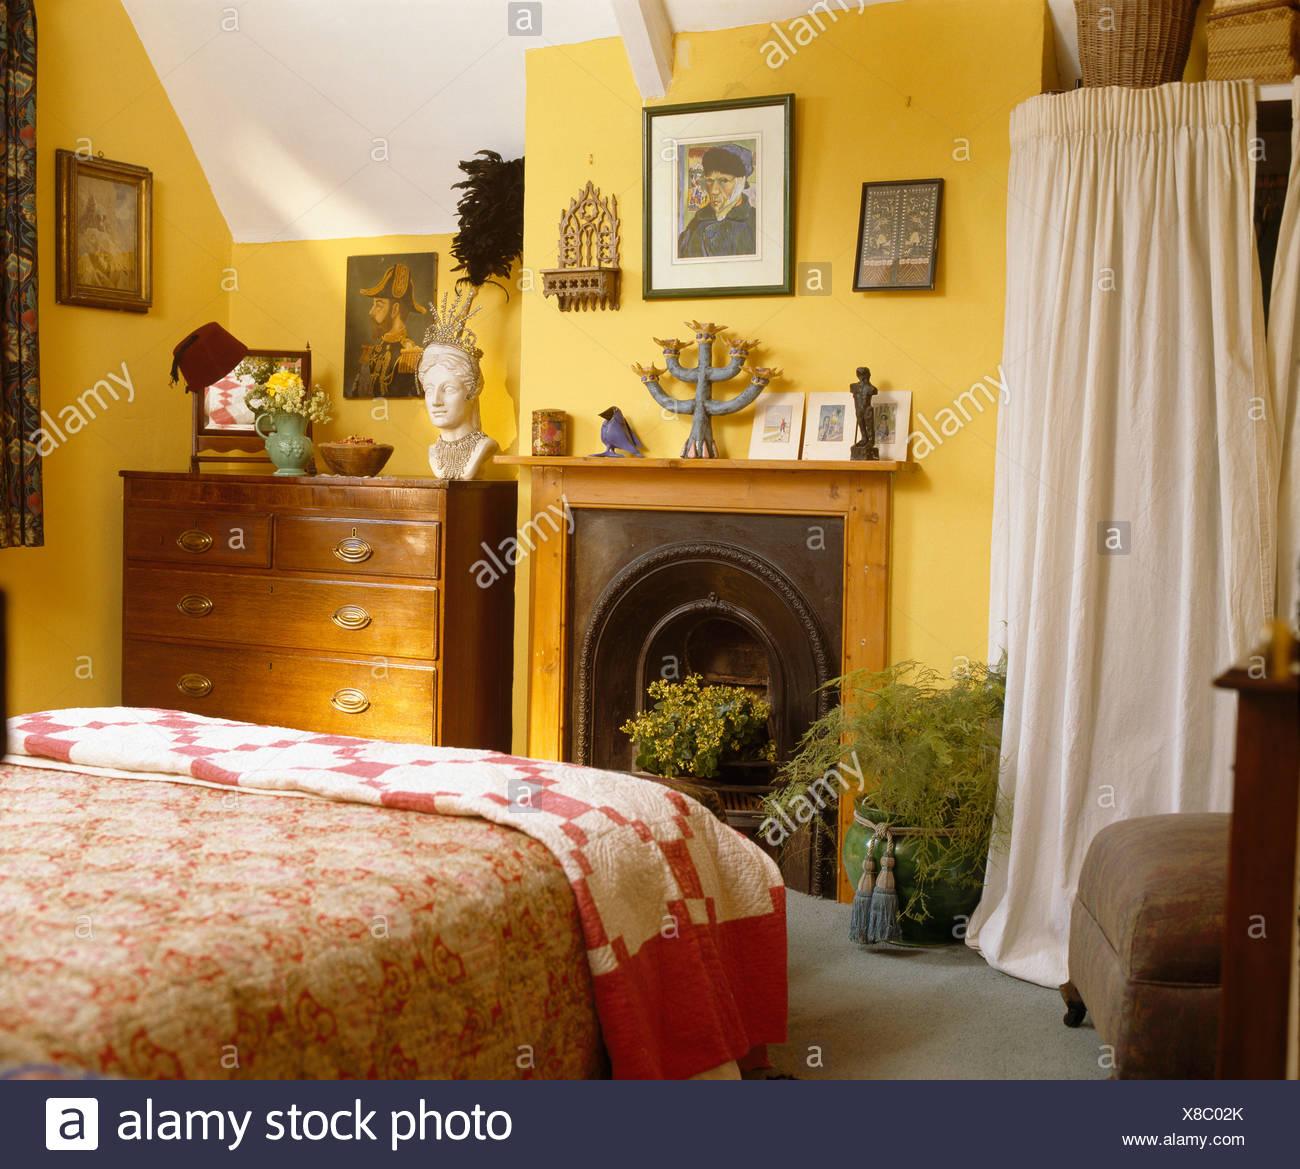 wei en vorhang auf alkoven lagerung neben kiefer kamin im gelben haus schlafzimmer mit antik. Black Bedroom Furniture Sets. Home Design Ideas